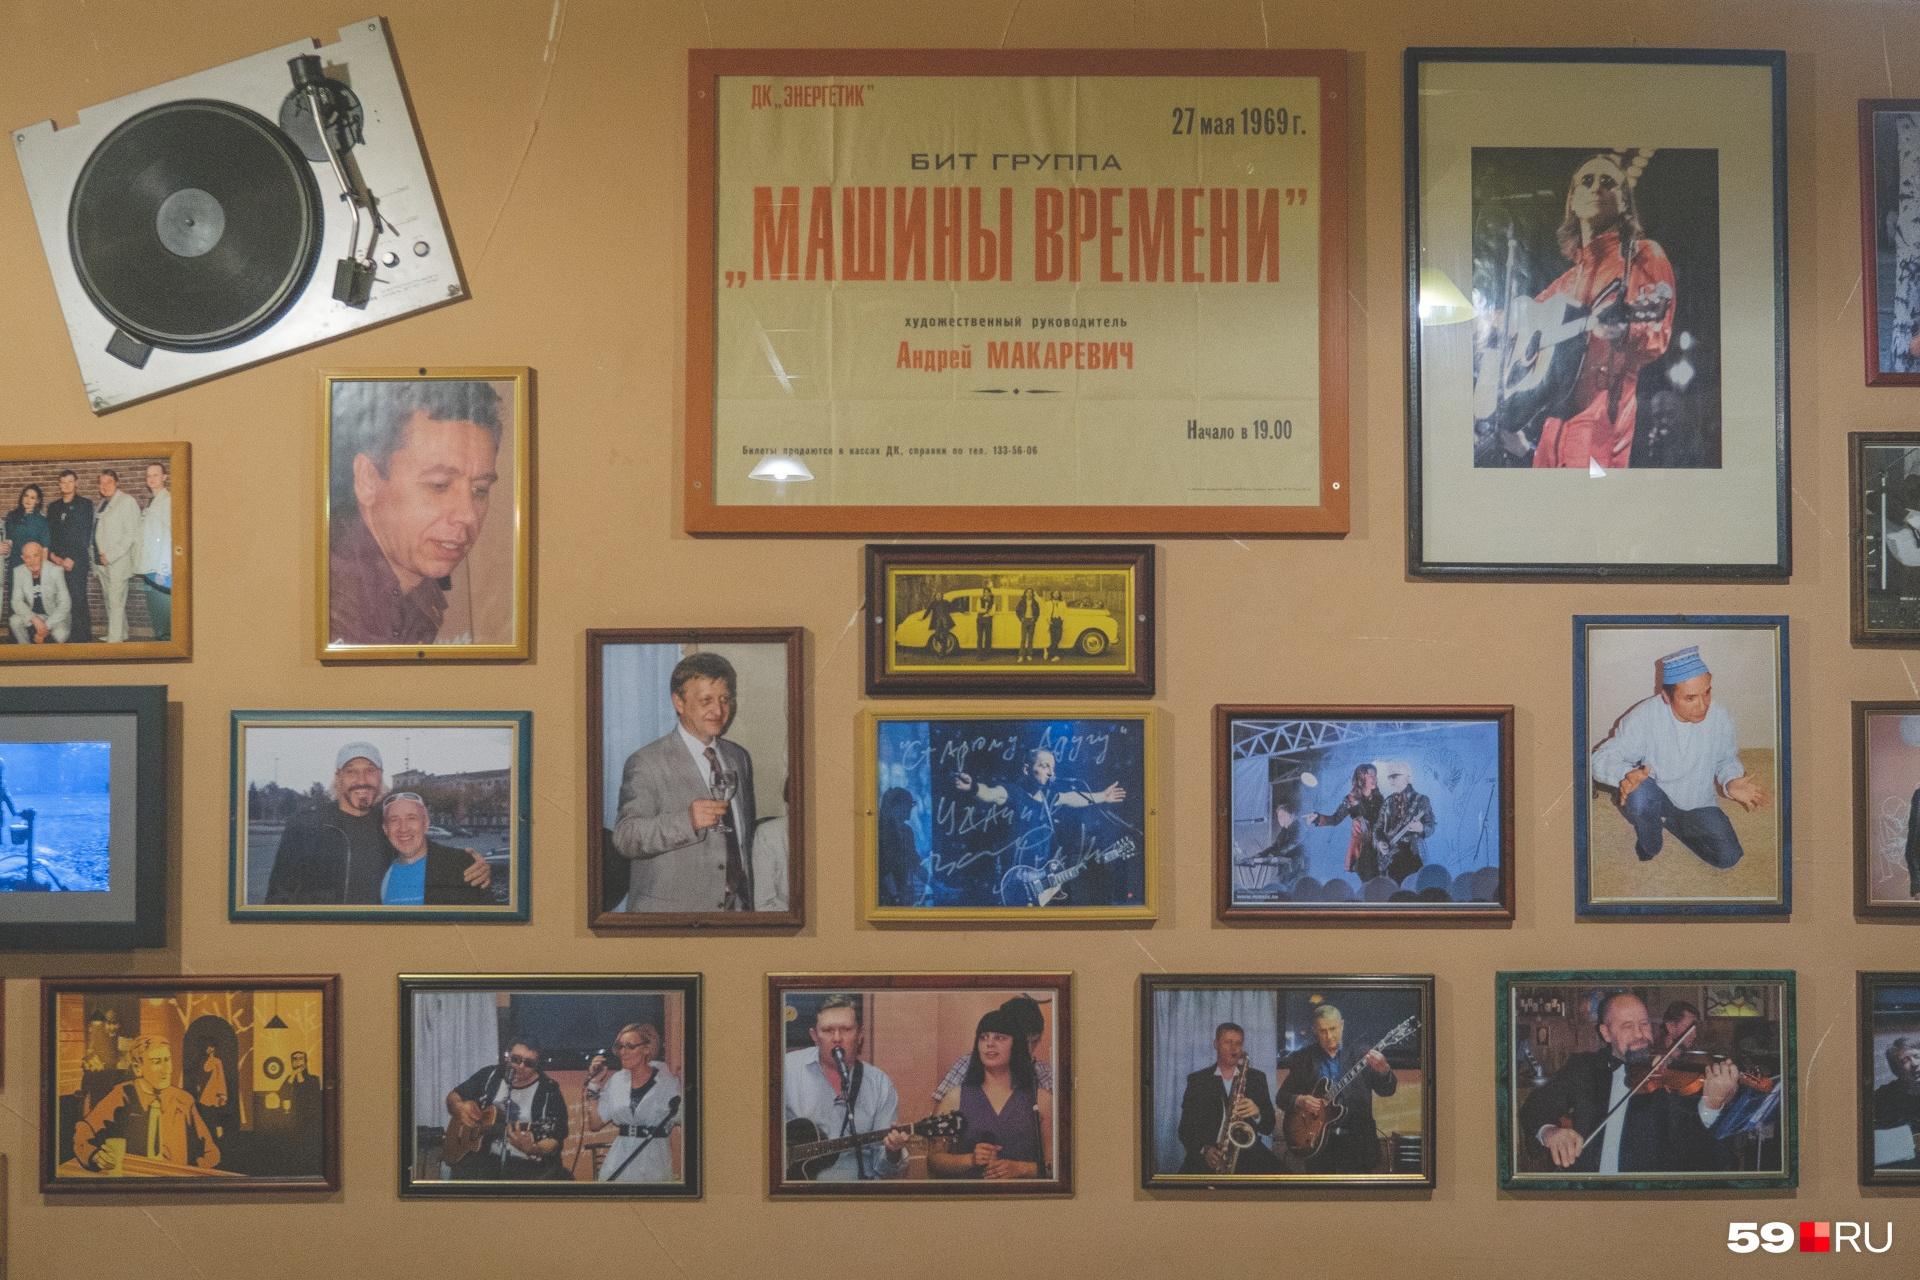 Афишу «Машины времени» Сергей Яшин привез с первого концерта, на котором побывал